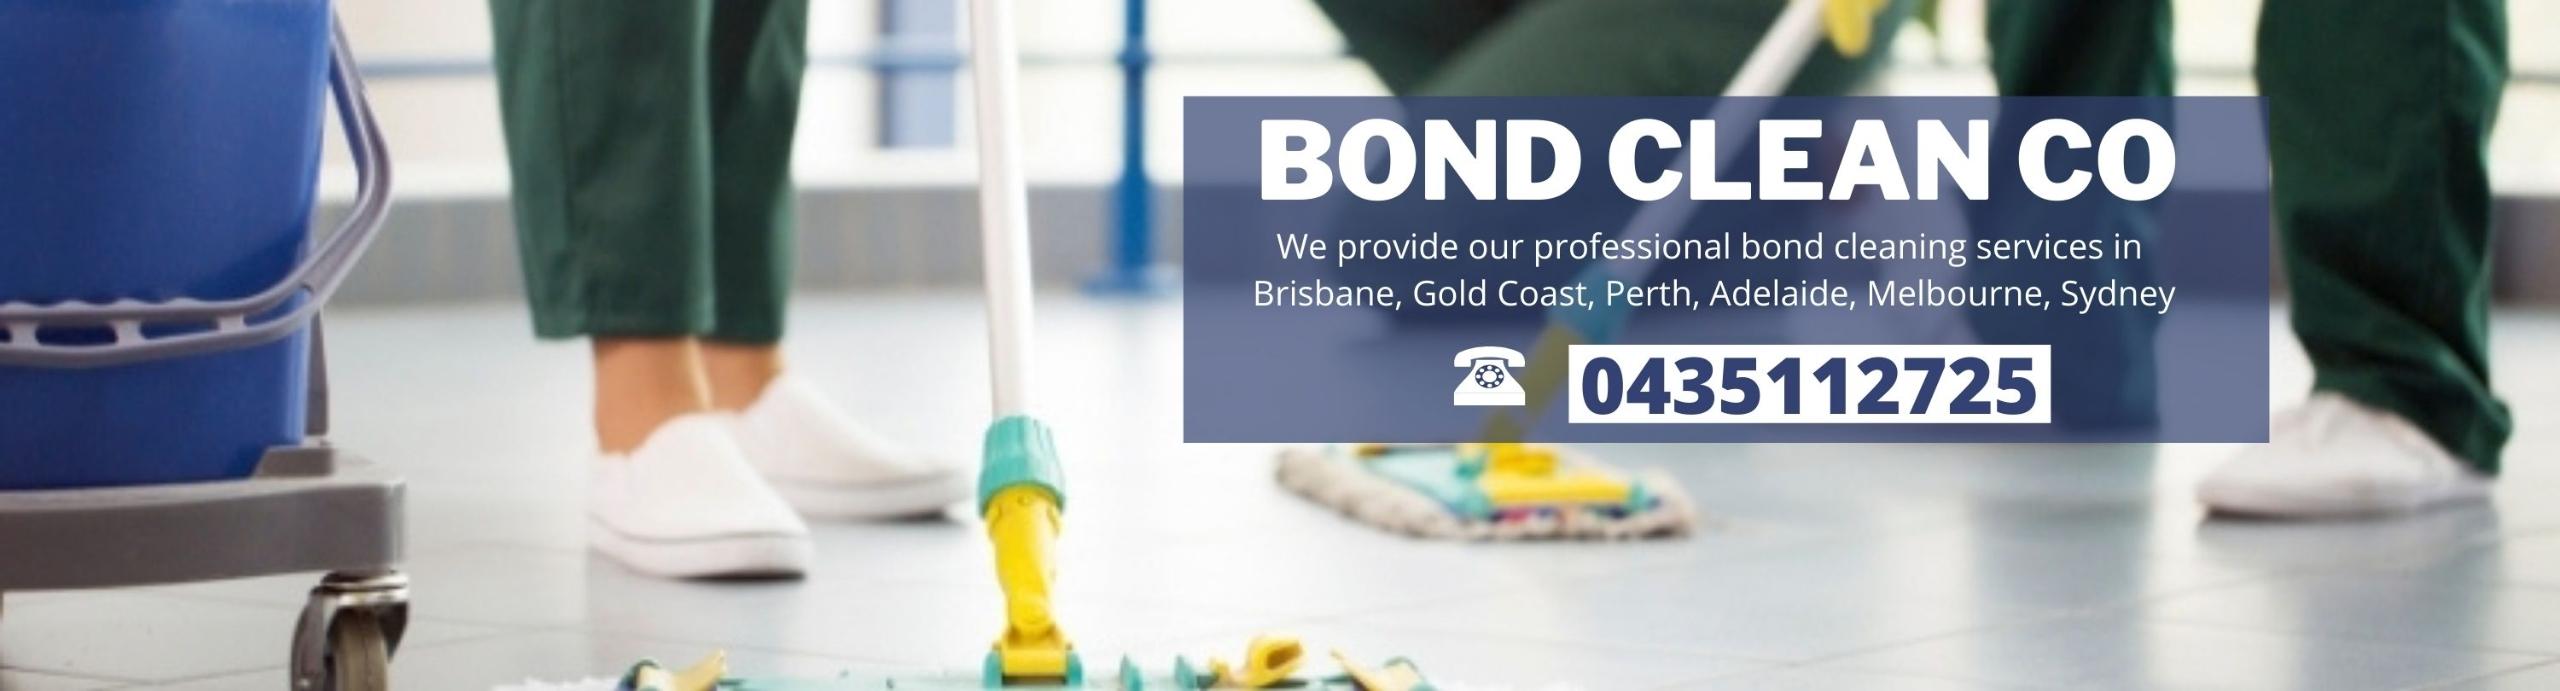 Bond Clean Co (@bondcleanco) Cover Image